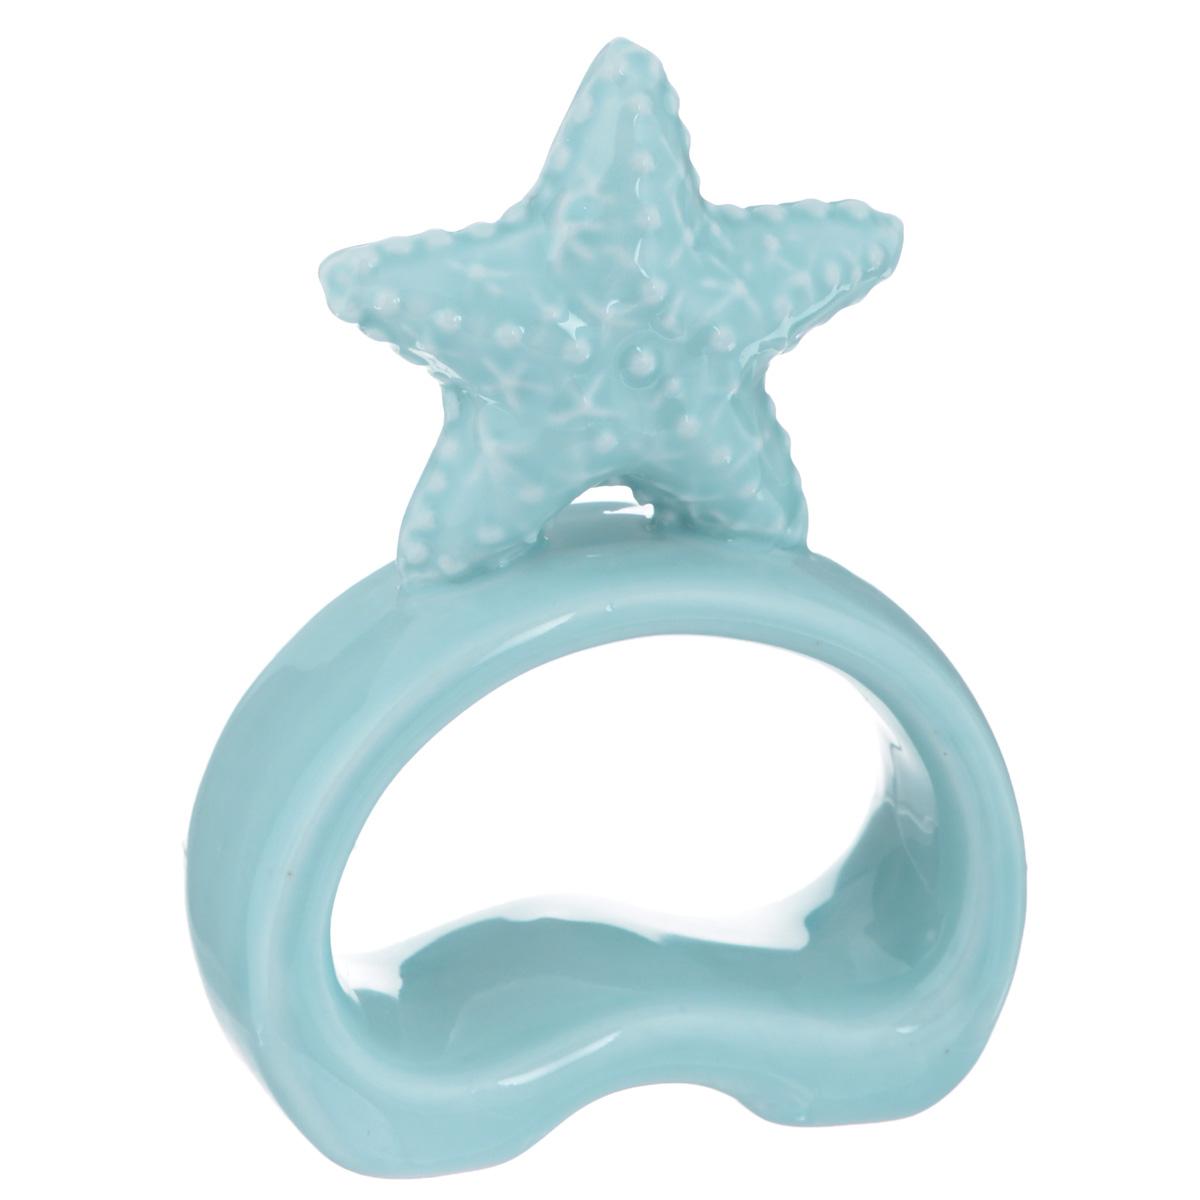 Фигурка декоративная Морская звезда, цвет: голубой, высота 10 см. 3676836768Декоративная фигурка Морская звезда изготовлена из высококачественного фаянса. Такая фигурка подойдет для декора интерьера дома или офиса. Вы можете поставить фигурку в любом месте, где она будет удачно смотреться и радовать глаз. Декоративная фигурка Морская звезда - это отличный вариант подарка для ваших близких и друзей. Размер фигурки: 7 см х 3 см х 10 см.